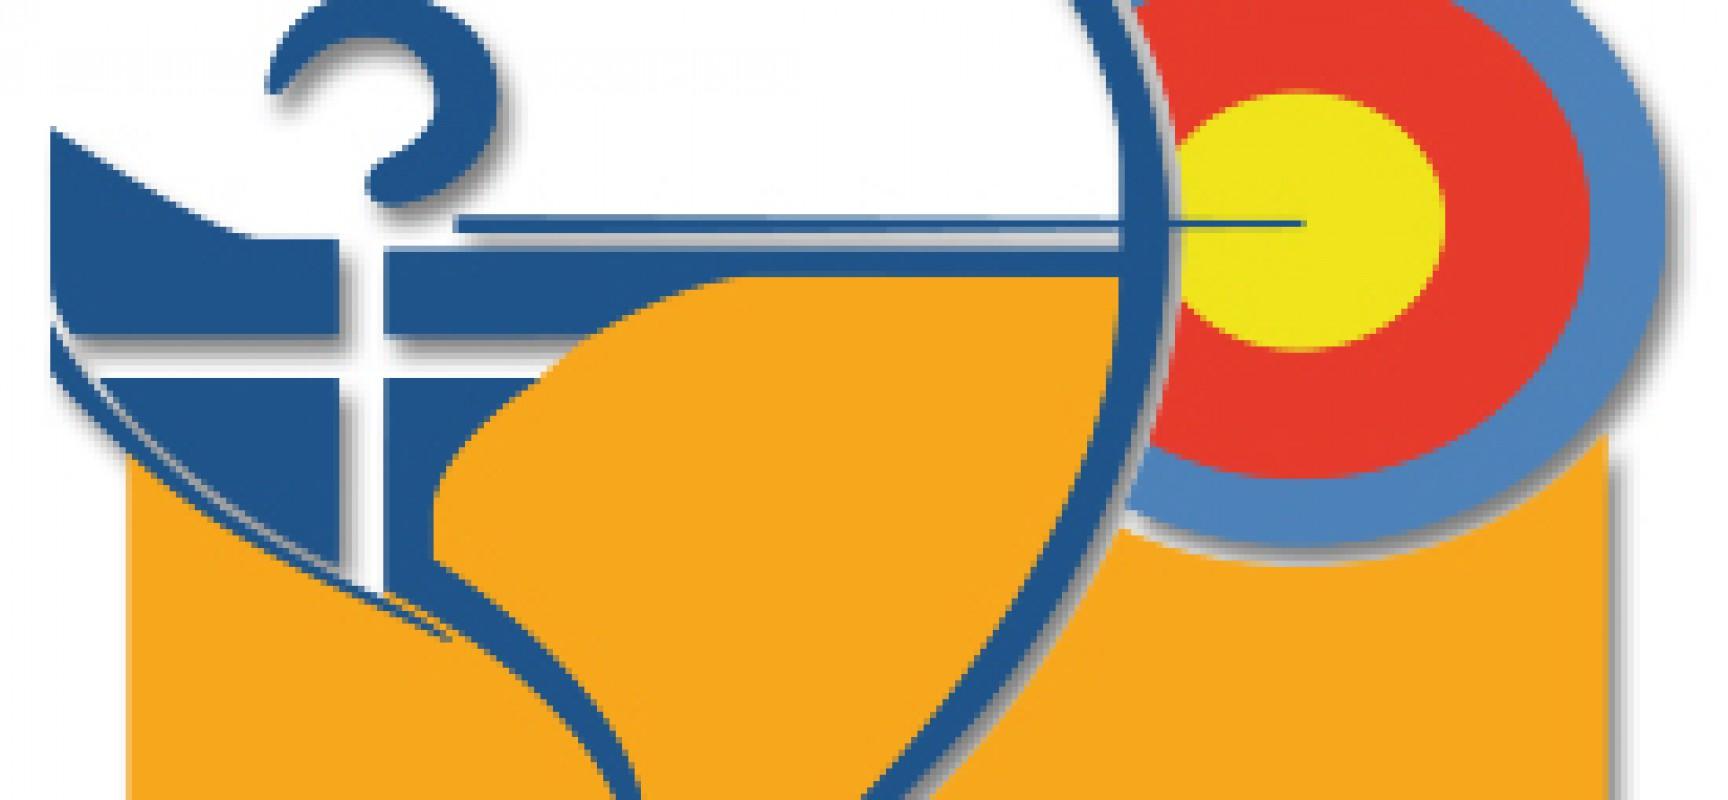 Αποτελέσματα Ανοιχτού Πρωτ/τος Α.Χ. – Ο.Γ. Α-Γ, Πάτρα, 28 – 29 Ιουνίου 2014